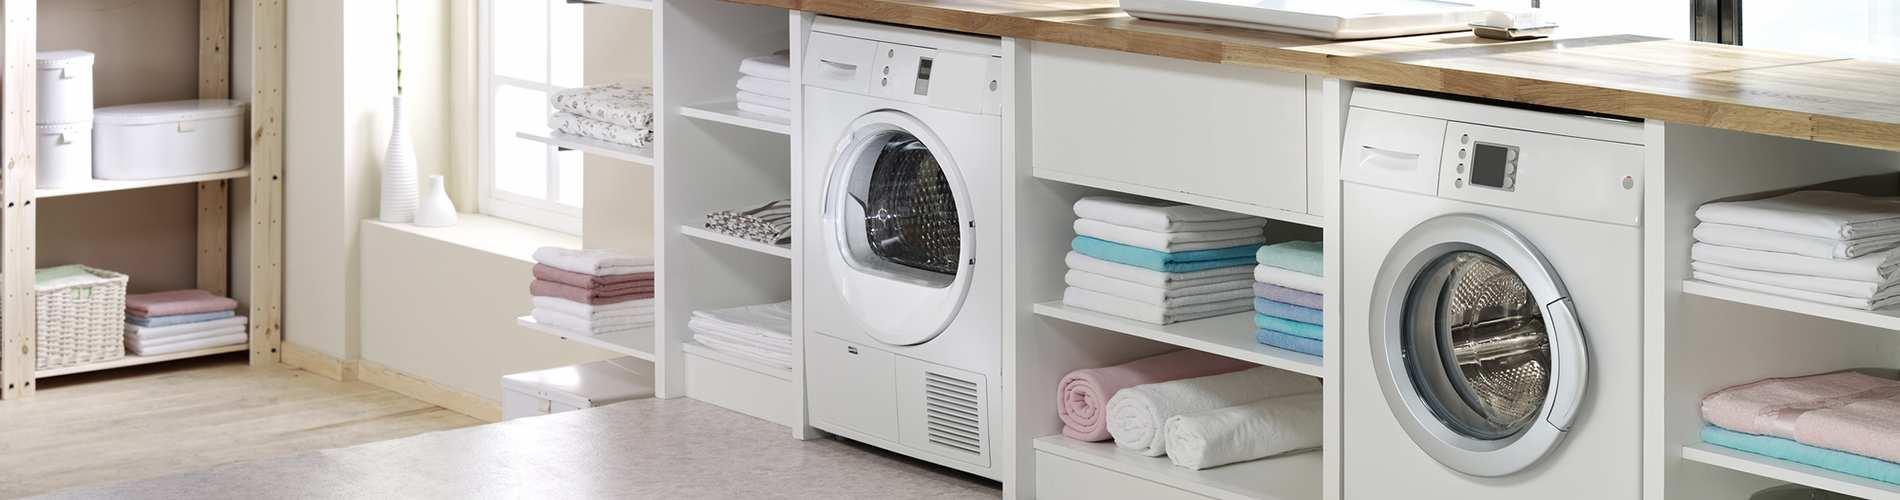 Caisson Pour Seche Linge 10 astuces de rangement dans la salle de bain - bricofamily